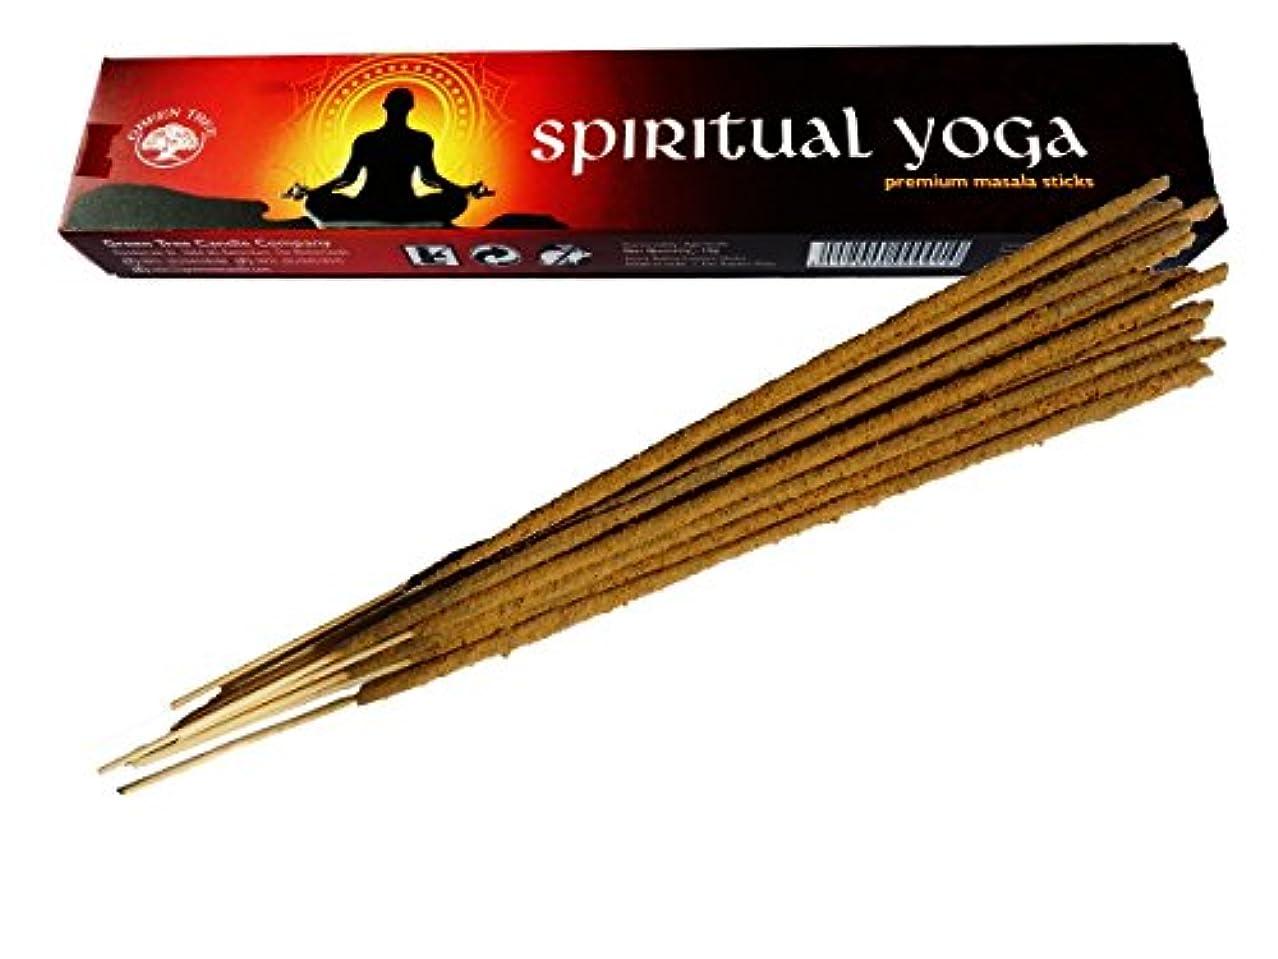 唯物論がんばり続けるお互いグリーンツリーSpiritualヨガ自然Incense Sticks